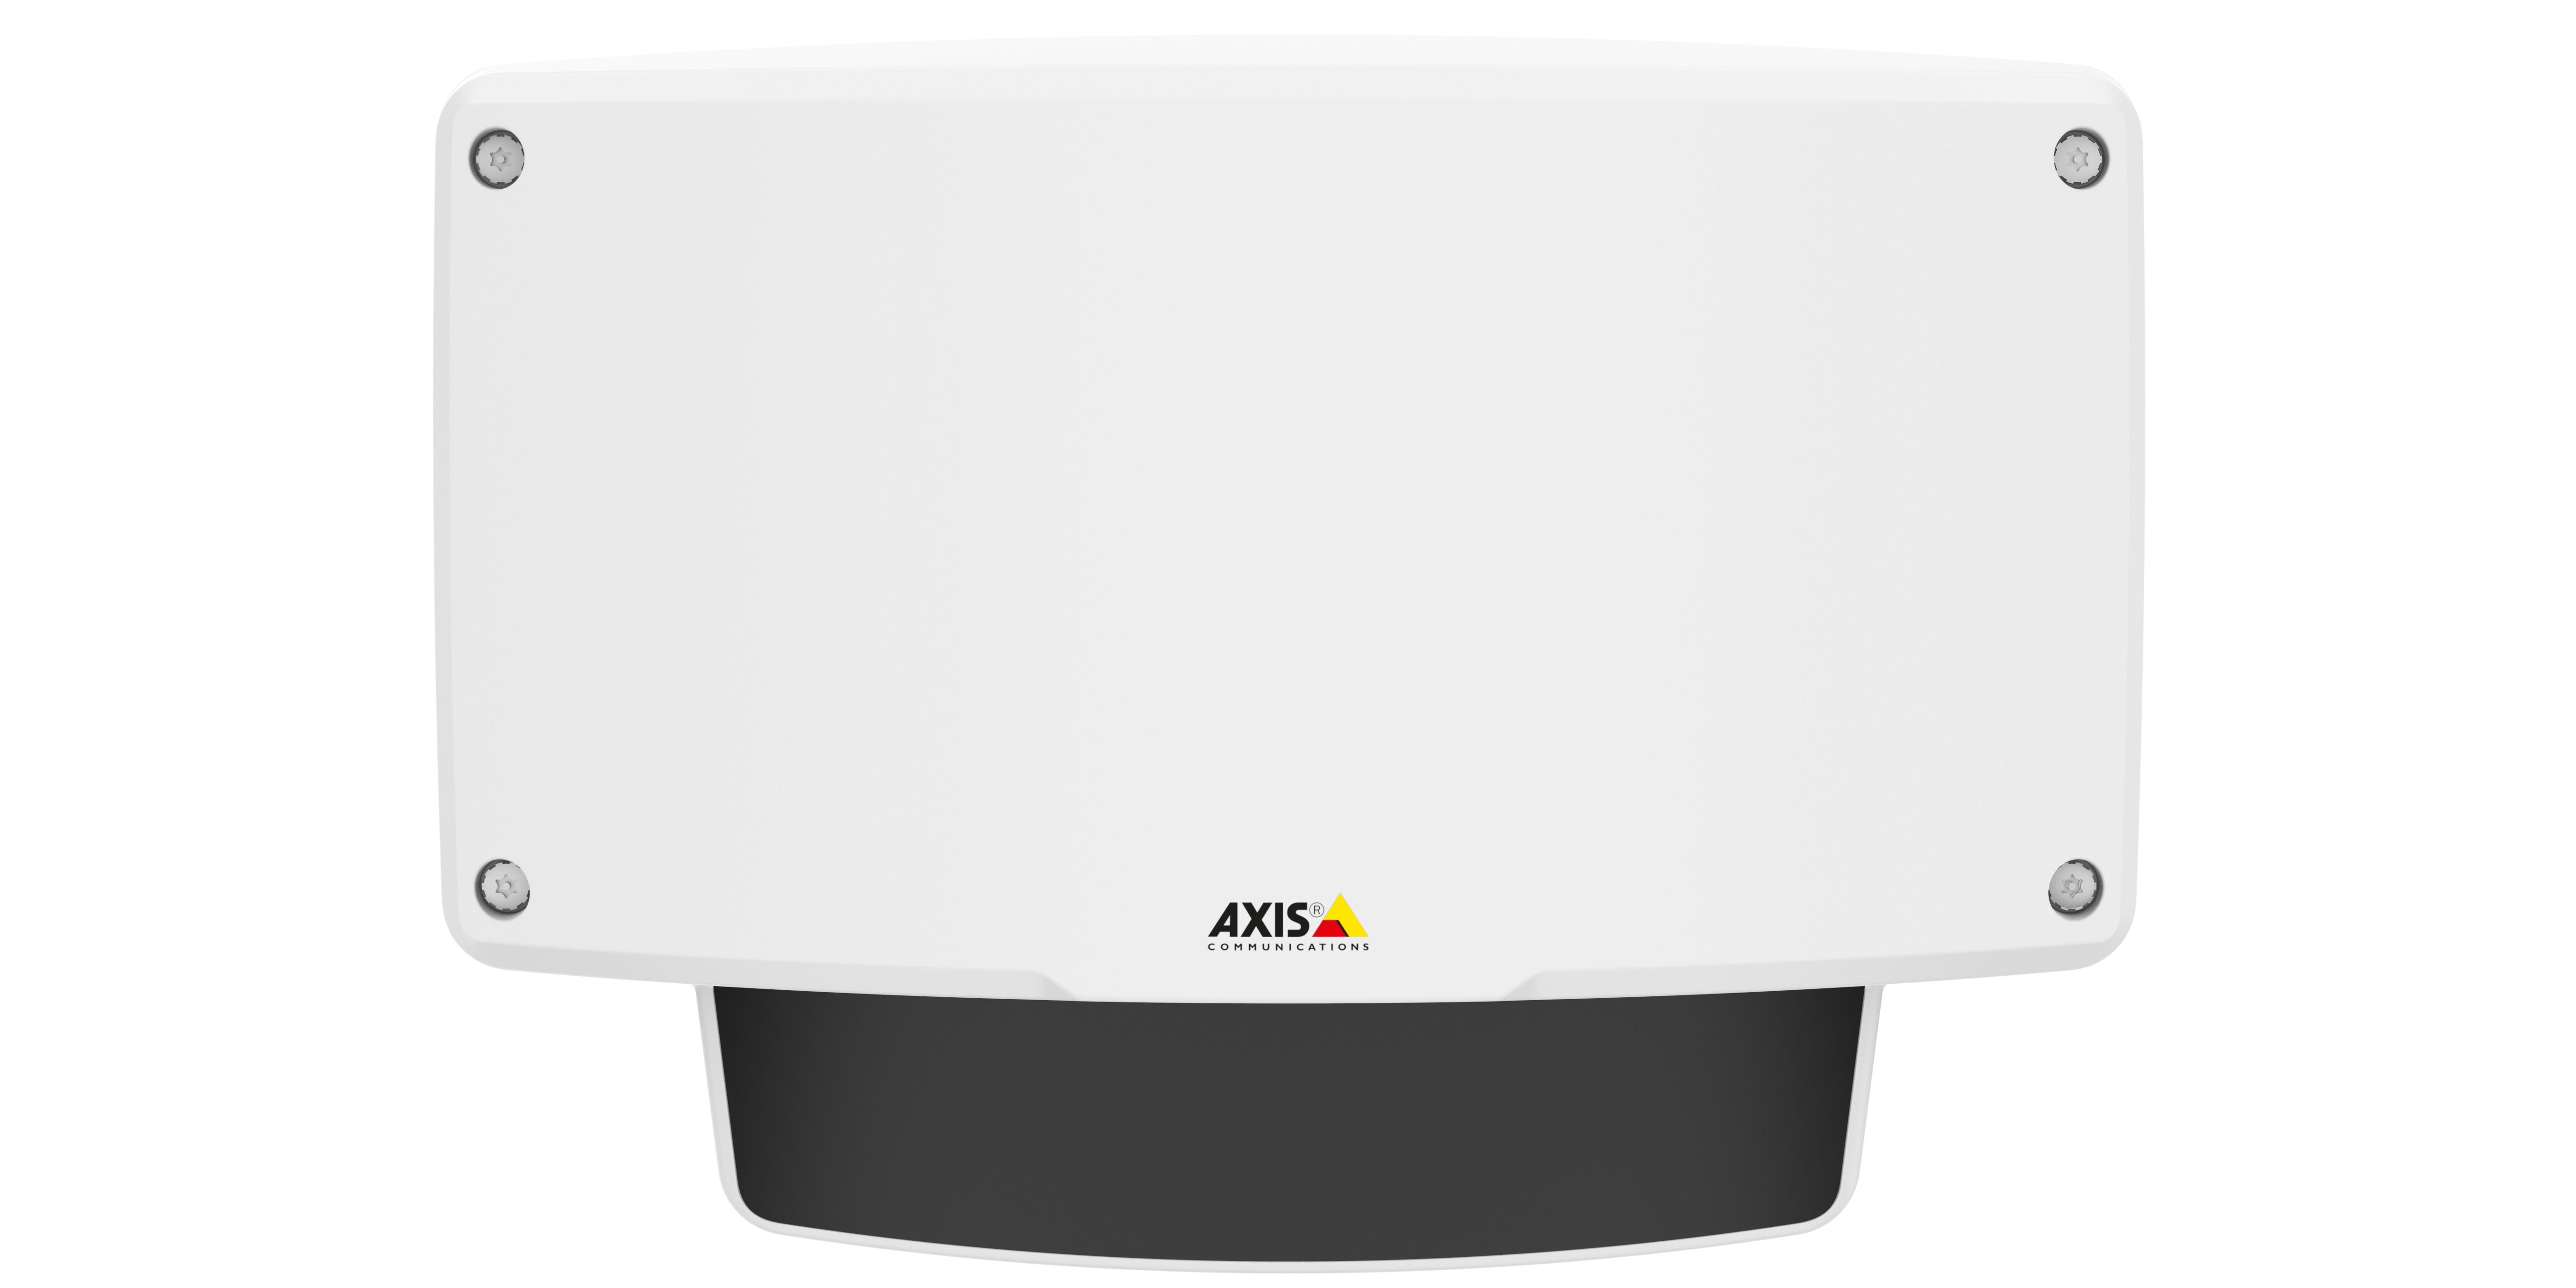 Axis introduceert netwerkradartechnologie voor doeltreffende bewegingsdetectie